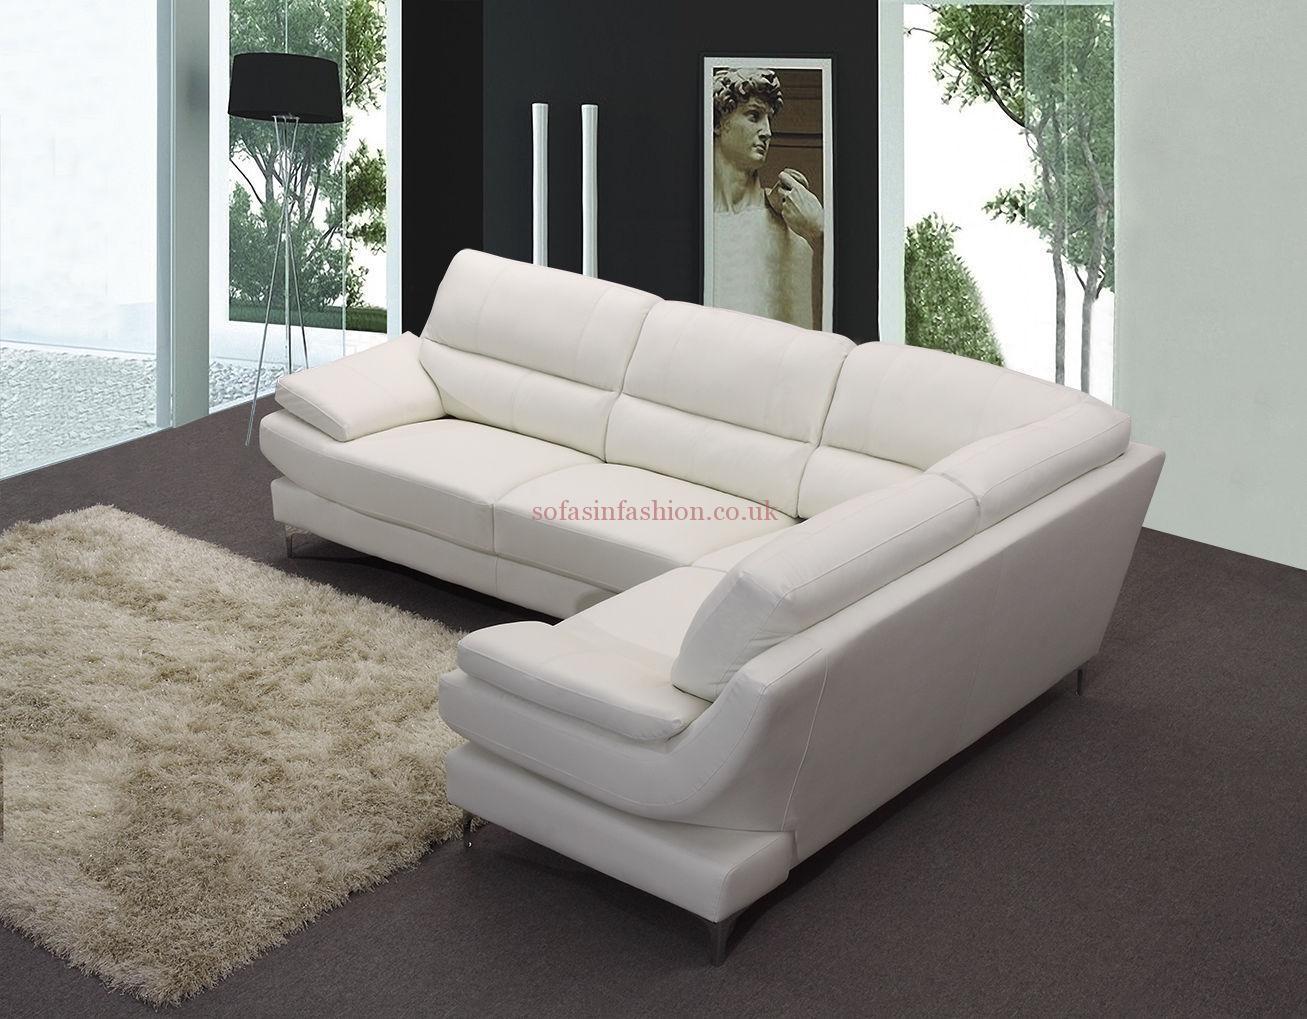 White Faux Leather Corner Sofa | Tehranmix Decoration With White Leather Corner Sofa (View 8 of 20)